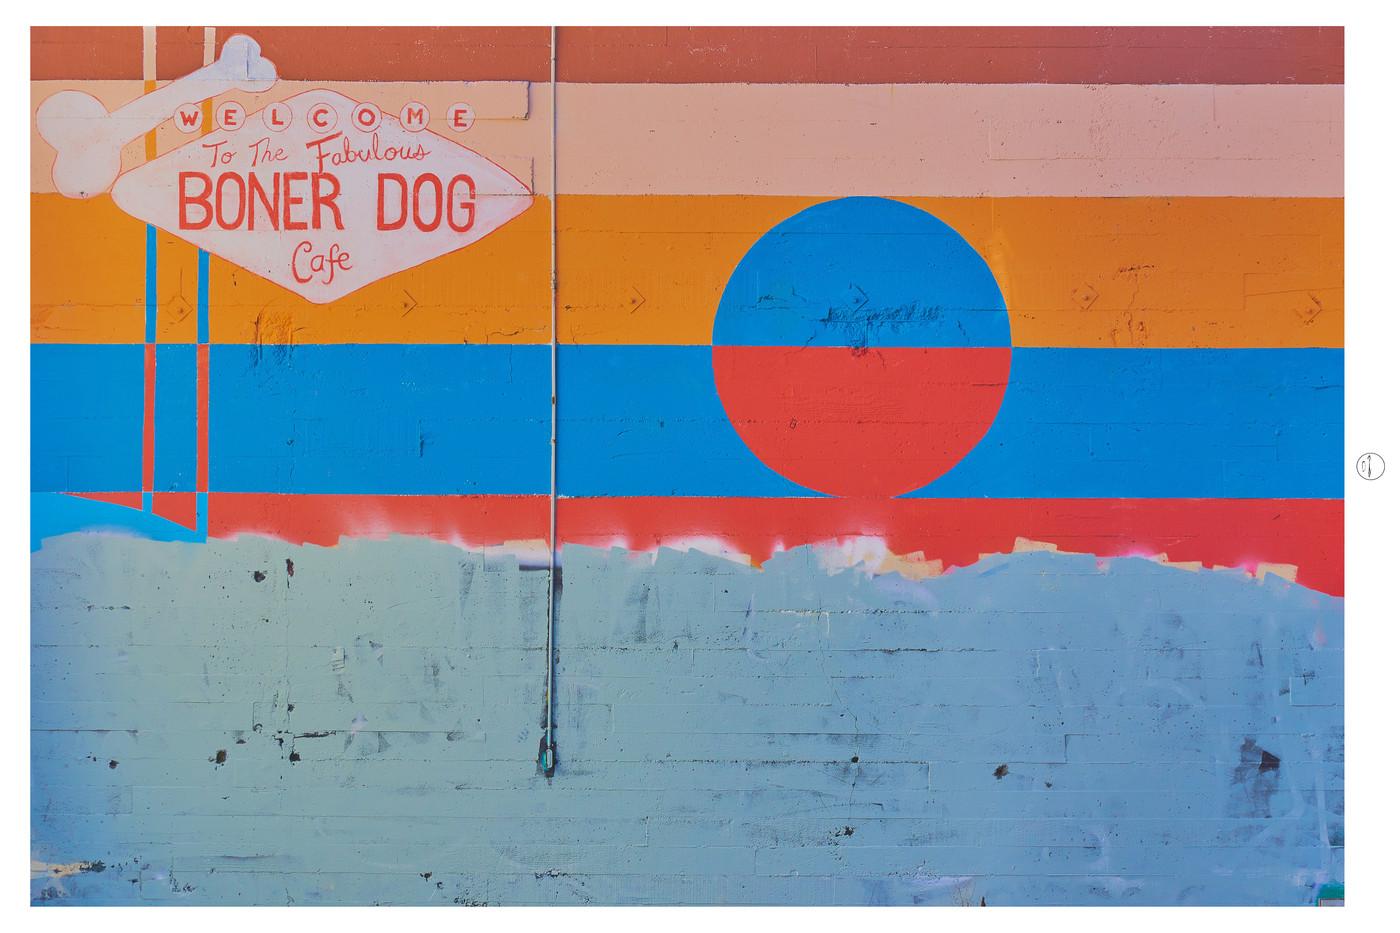 Boner Dog Cafe